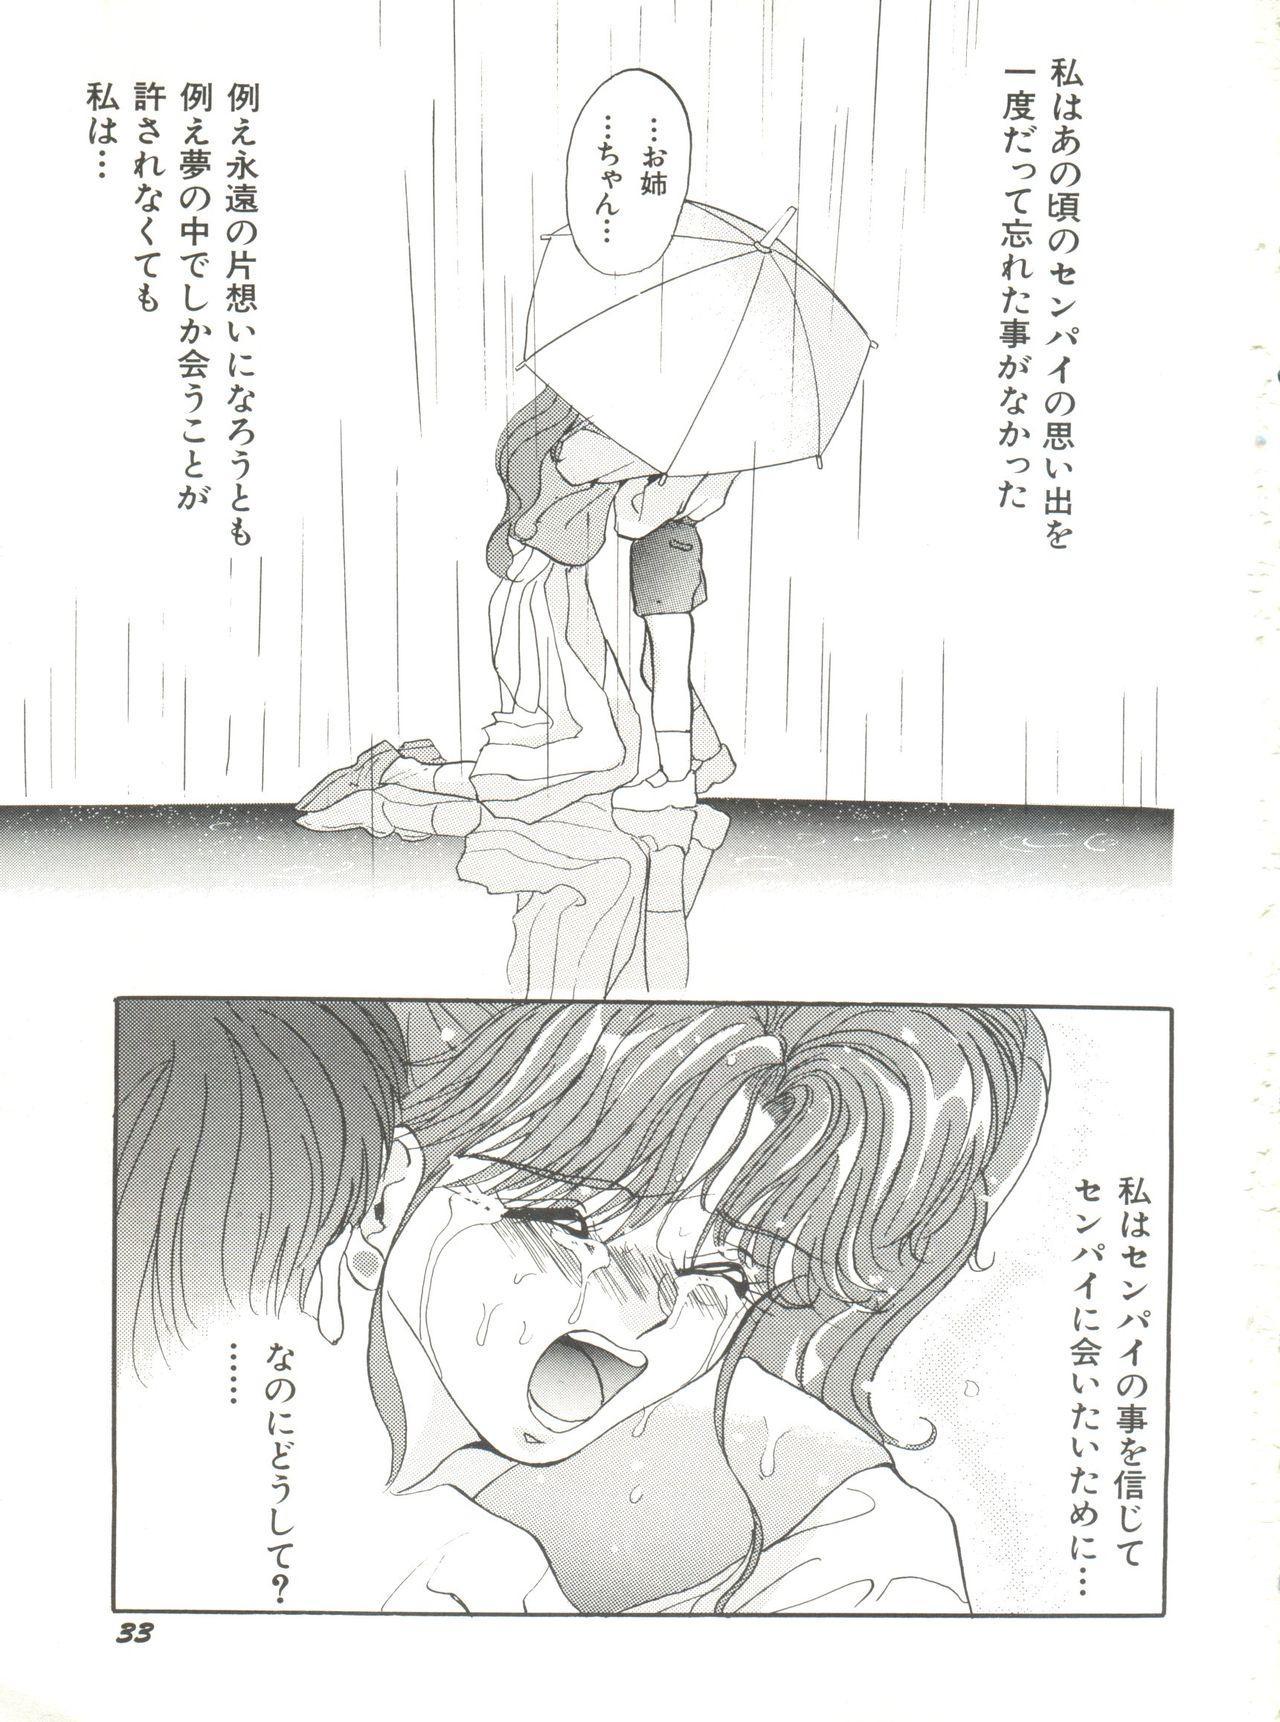 Bishoujo Doujinshi Anthology 12 - Moon Paradise 7 Tsuki no Rakuen 37